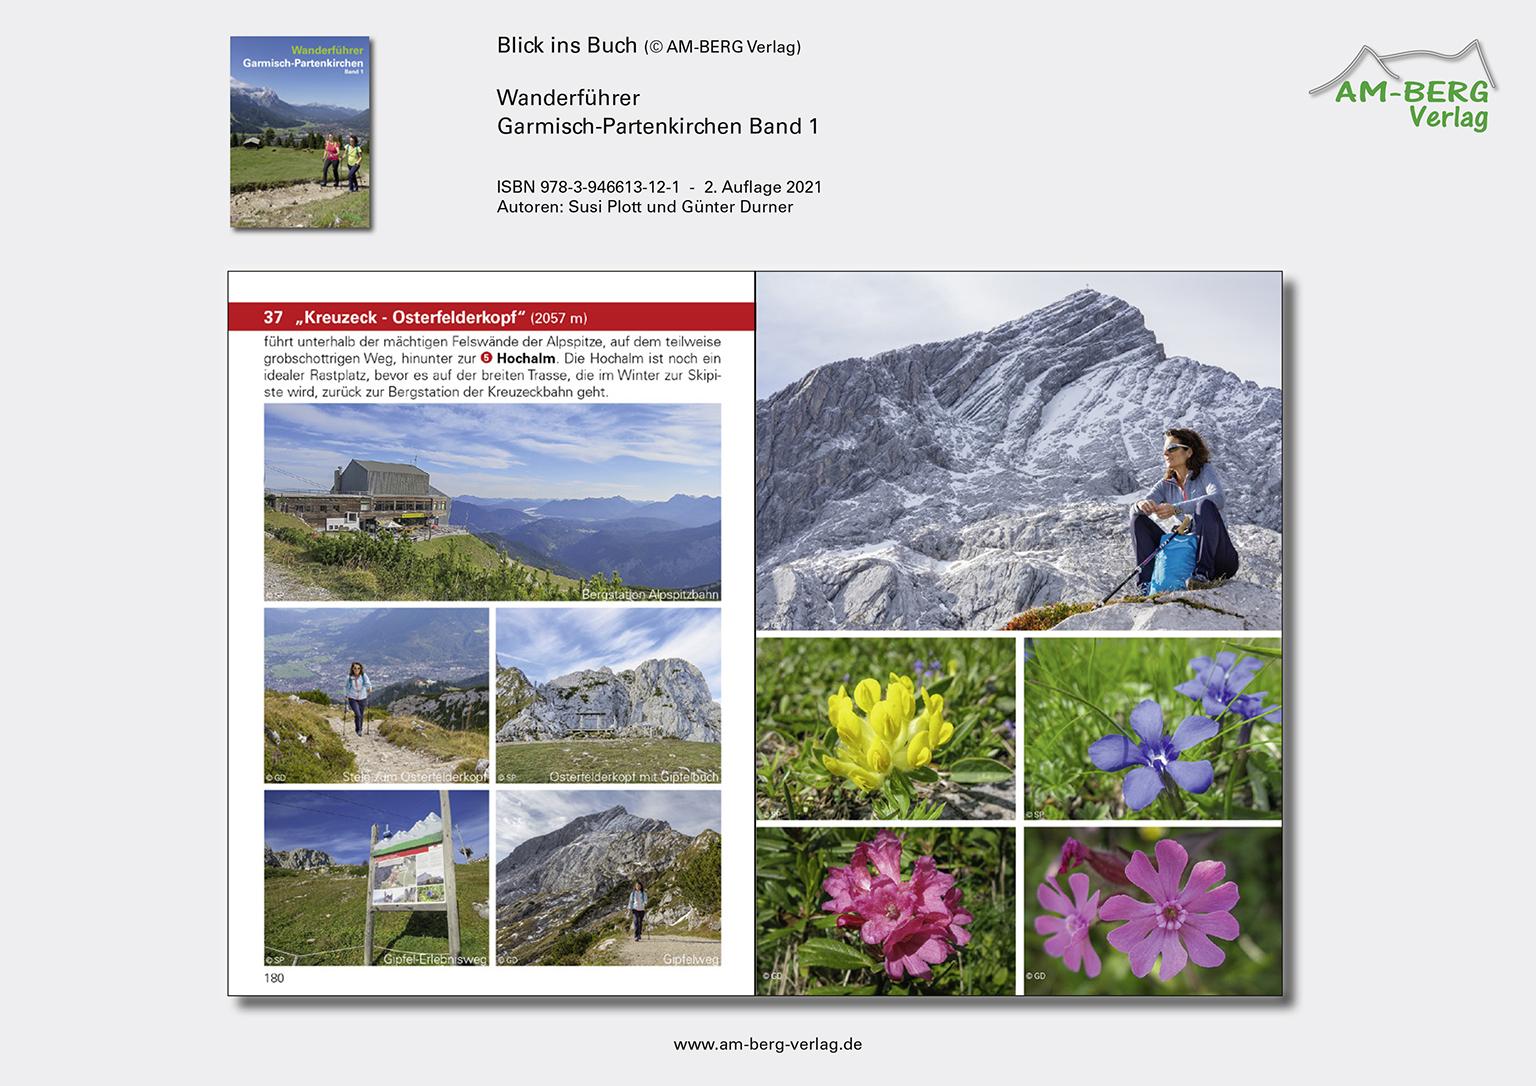 Wanderführer Garmisch-Partenkirchen Band 1_Blick ins Buch09